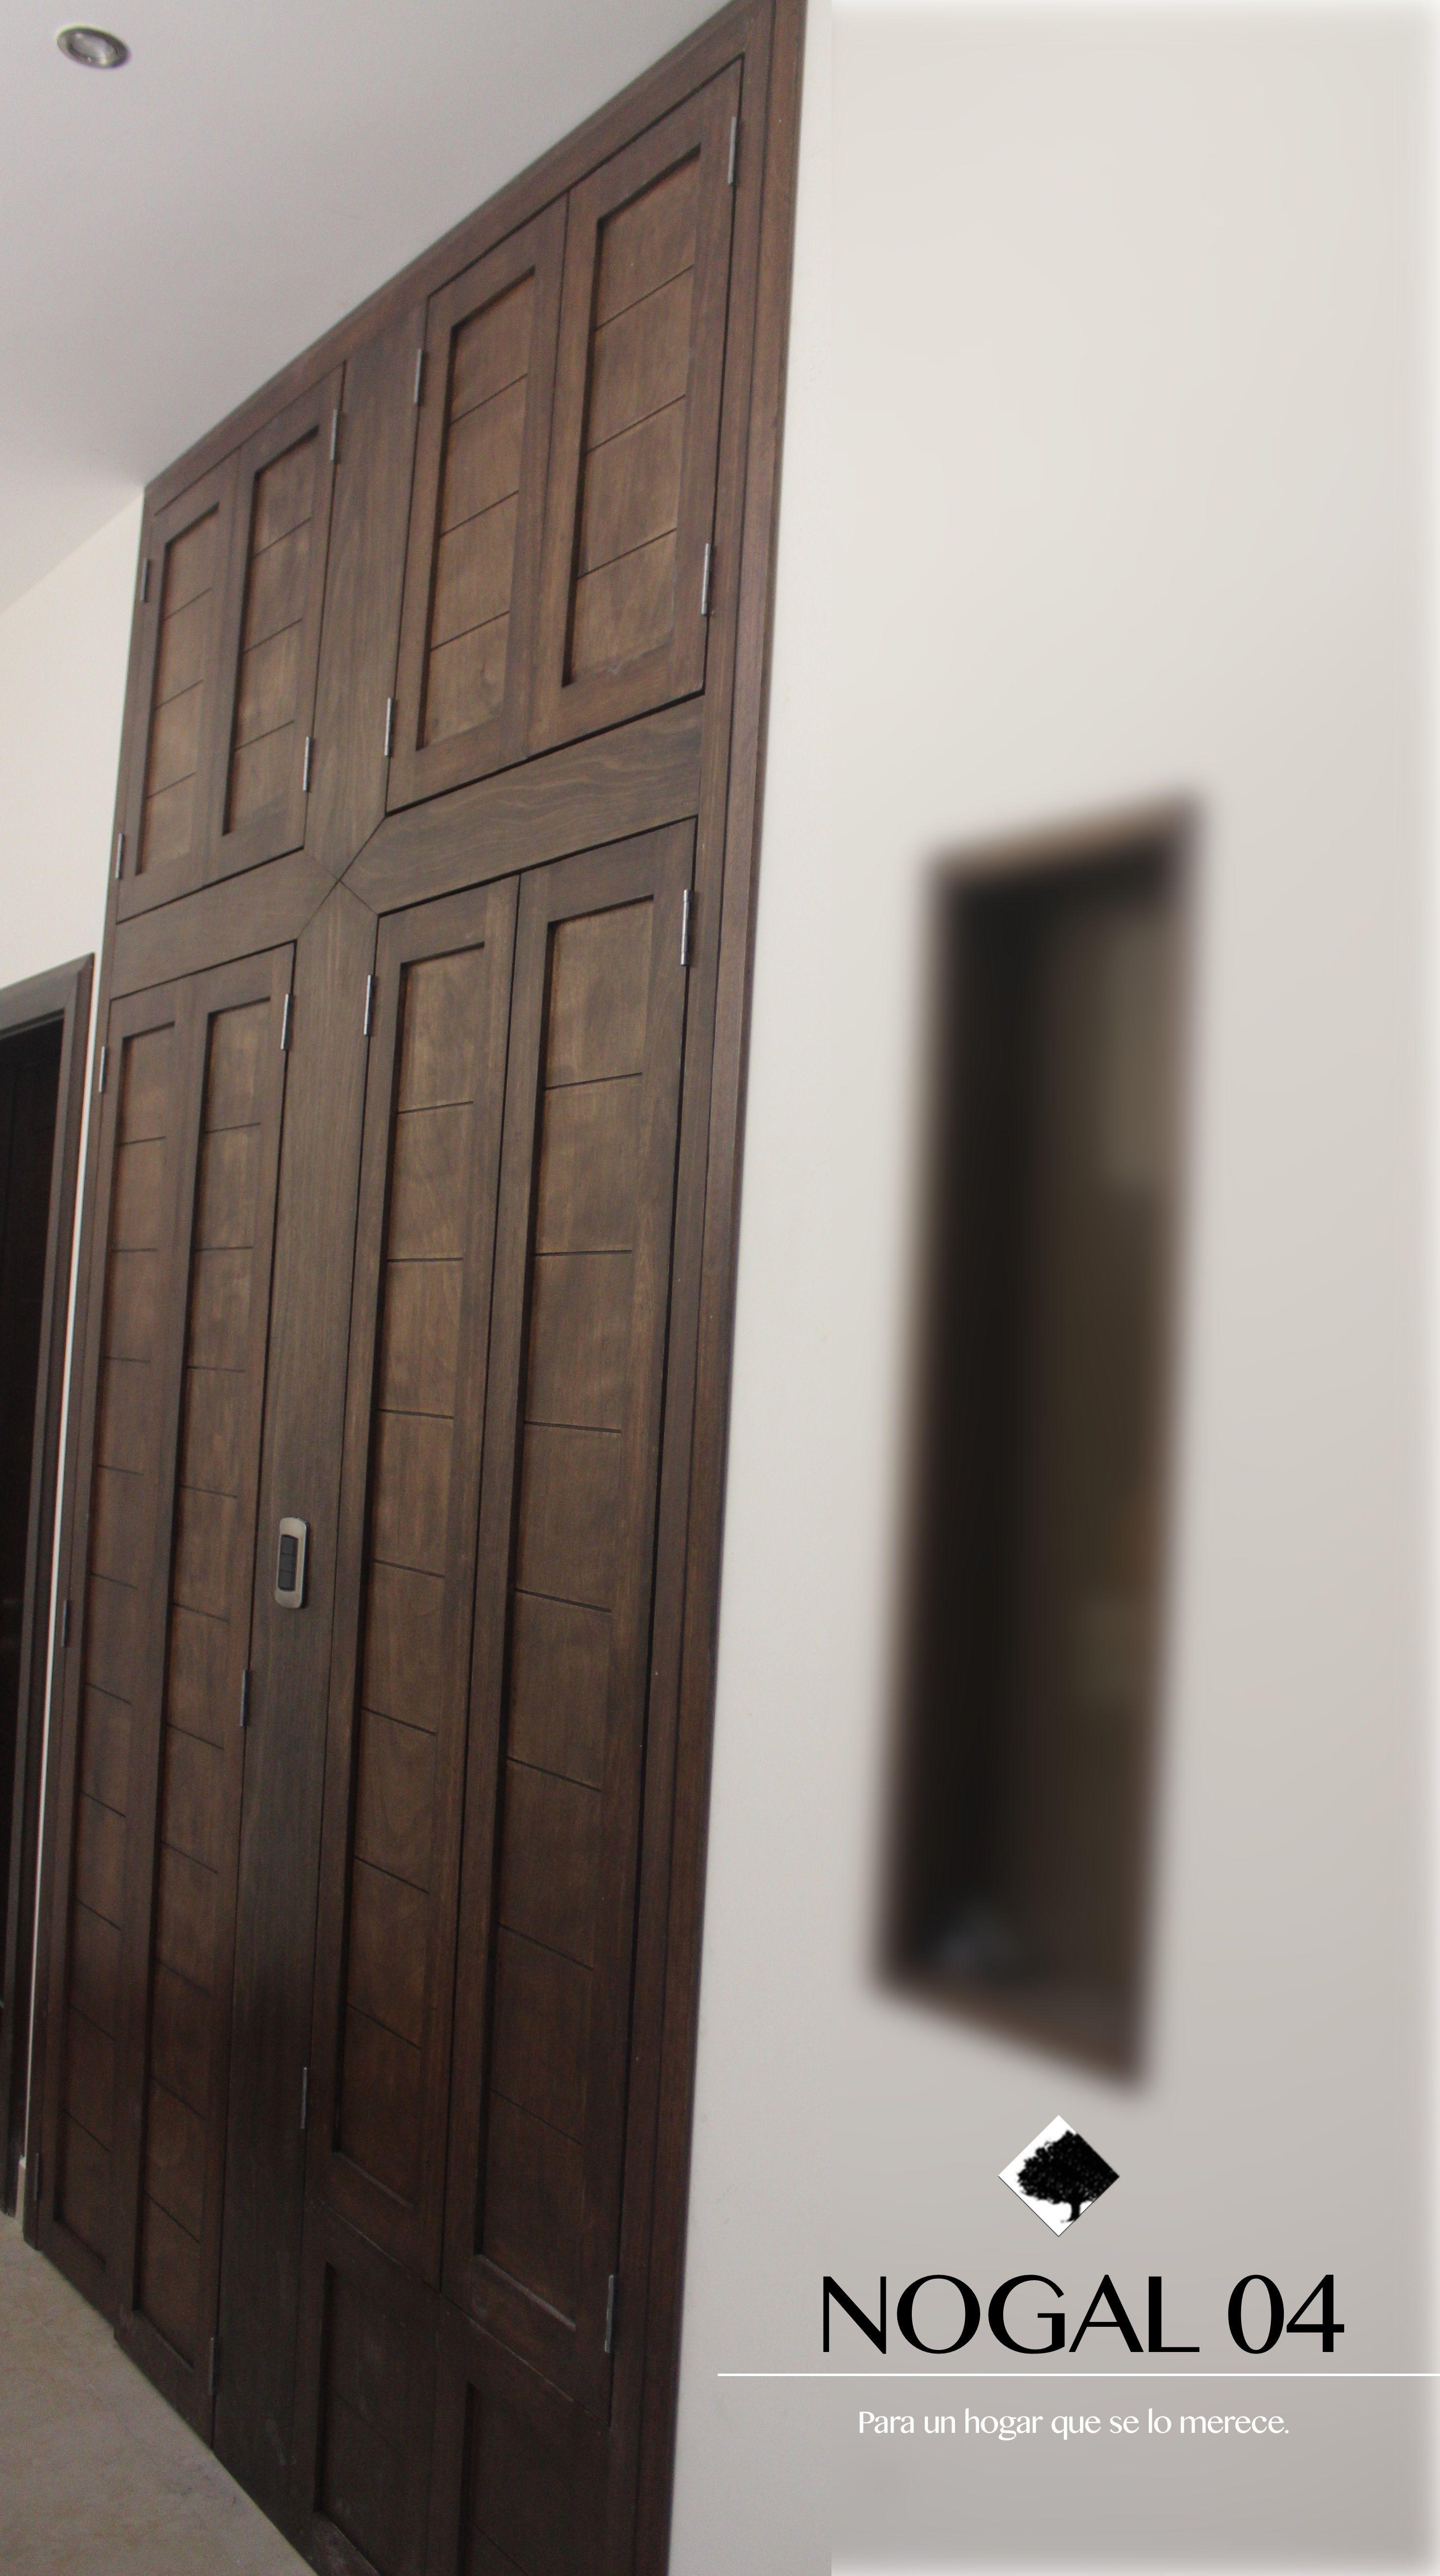 Mueble en madera de nogal puertas de lavabo y zinc for Mueble lavabo madera